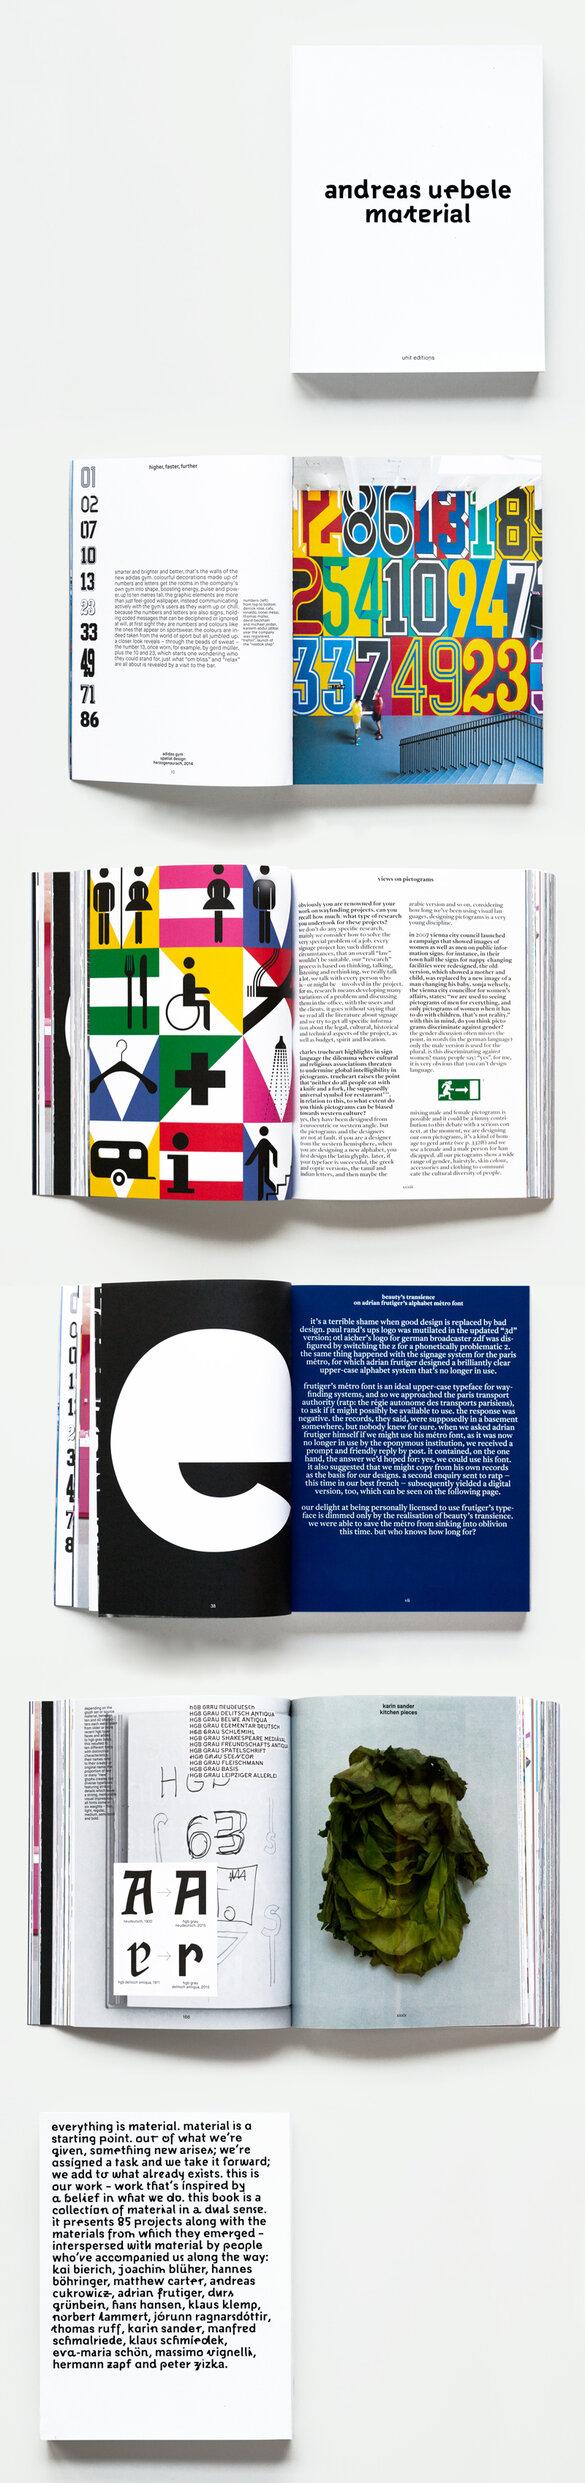 Atemberaubend 83 Hervorragende Grafikdesigner Bildinspirationen ...